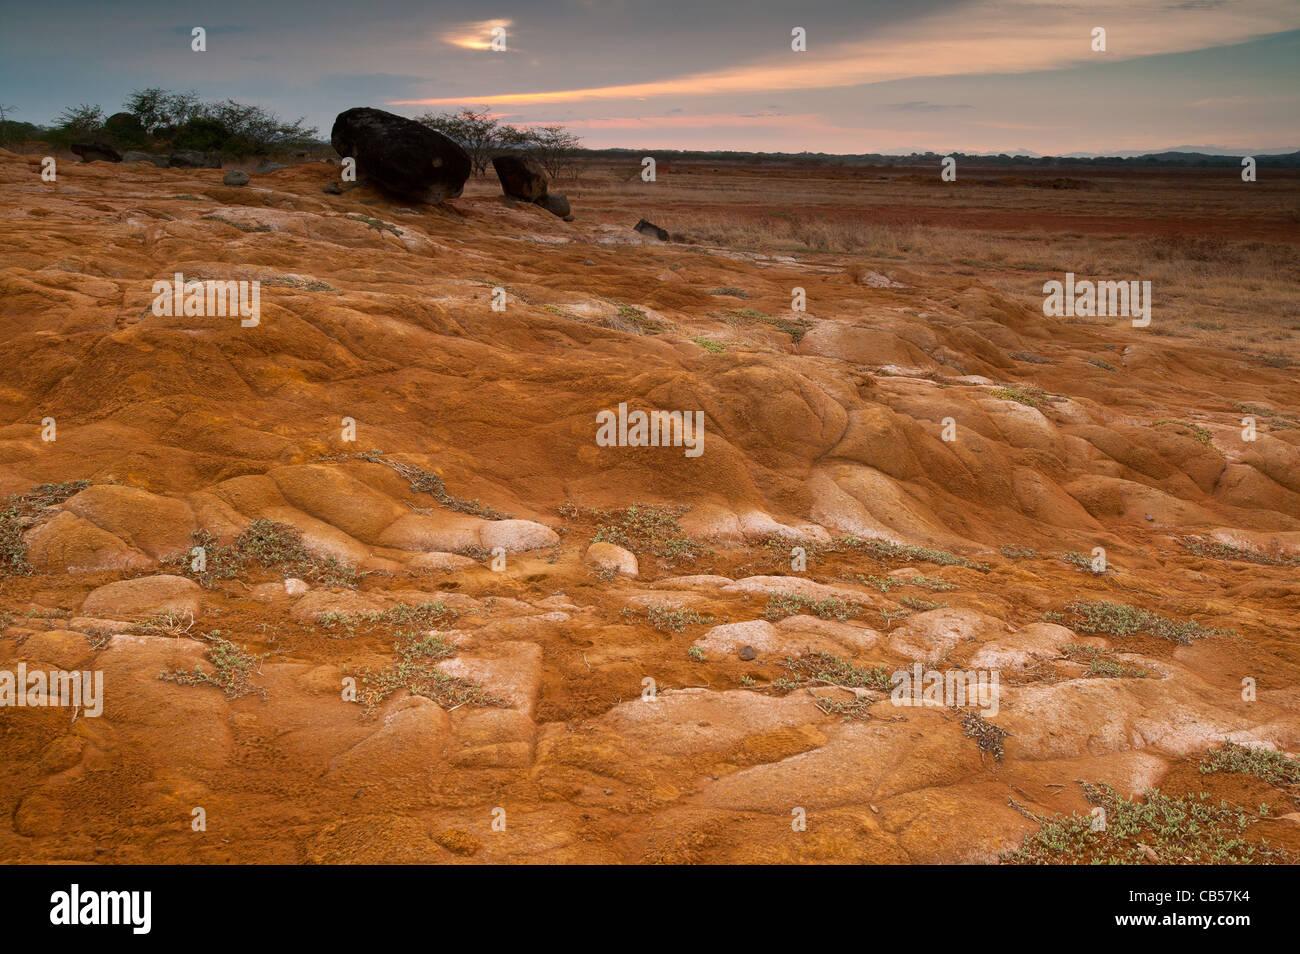 Paisagem do deserto no parque nacional Sarigua, província de Herrera, República do Panamá. Imagens de Stock